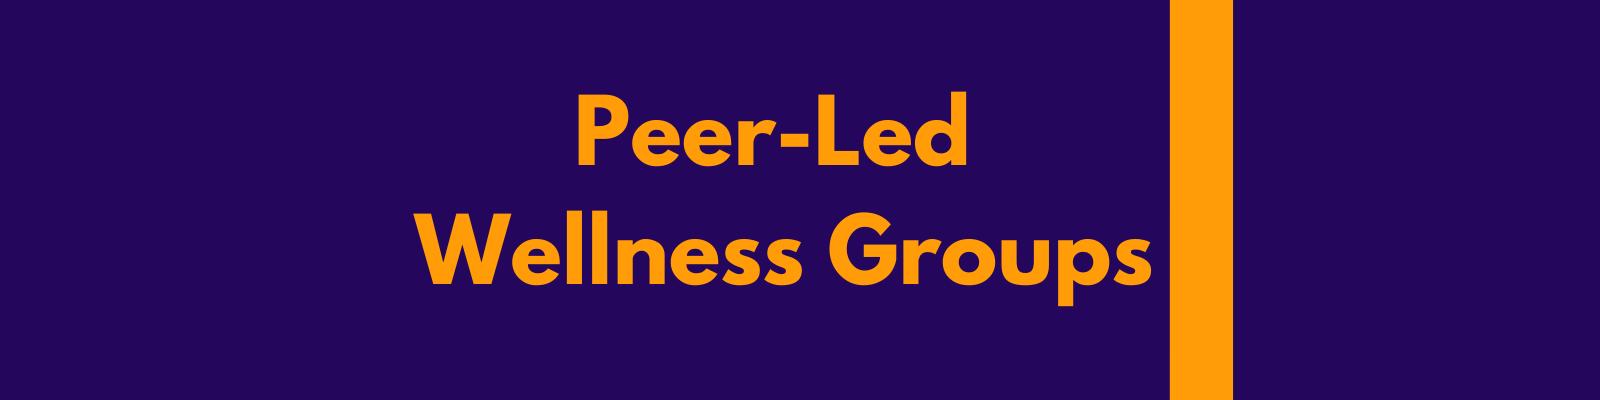 Peer-Led Wellness Groups